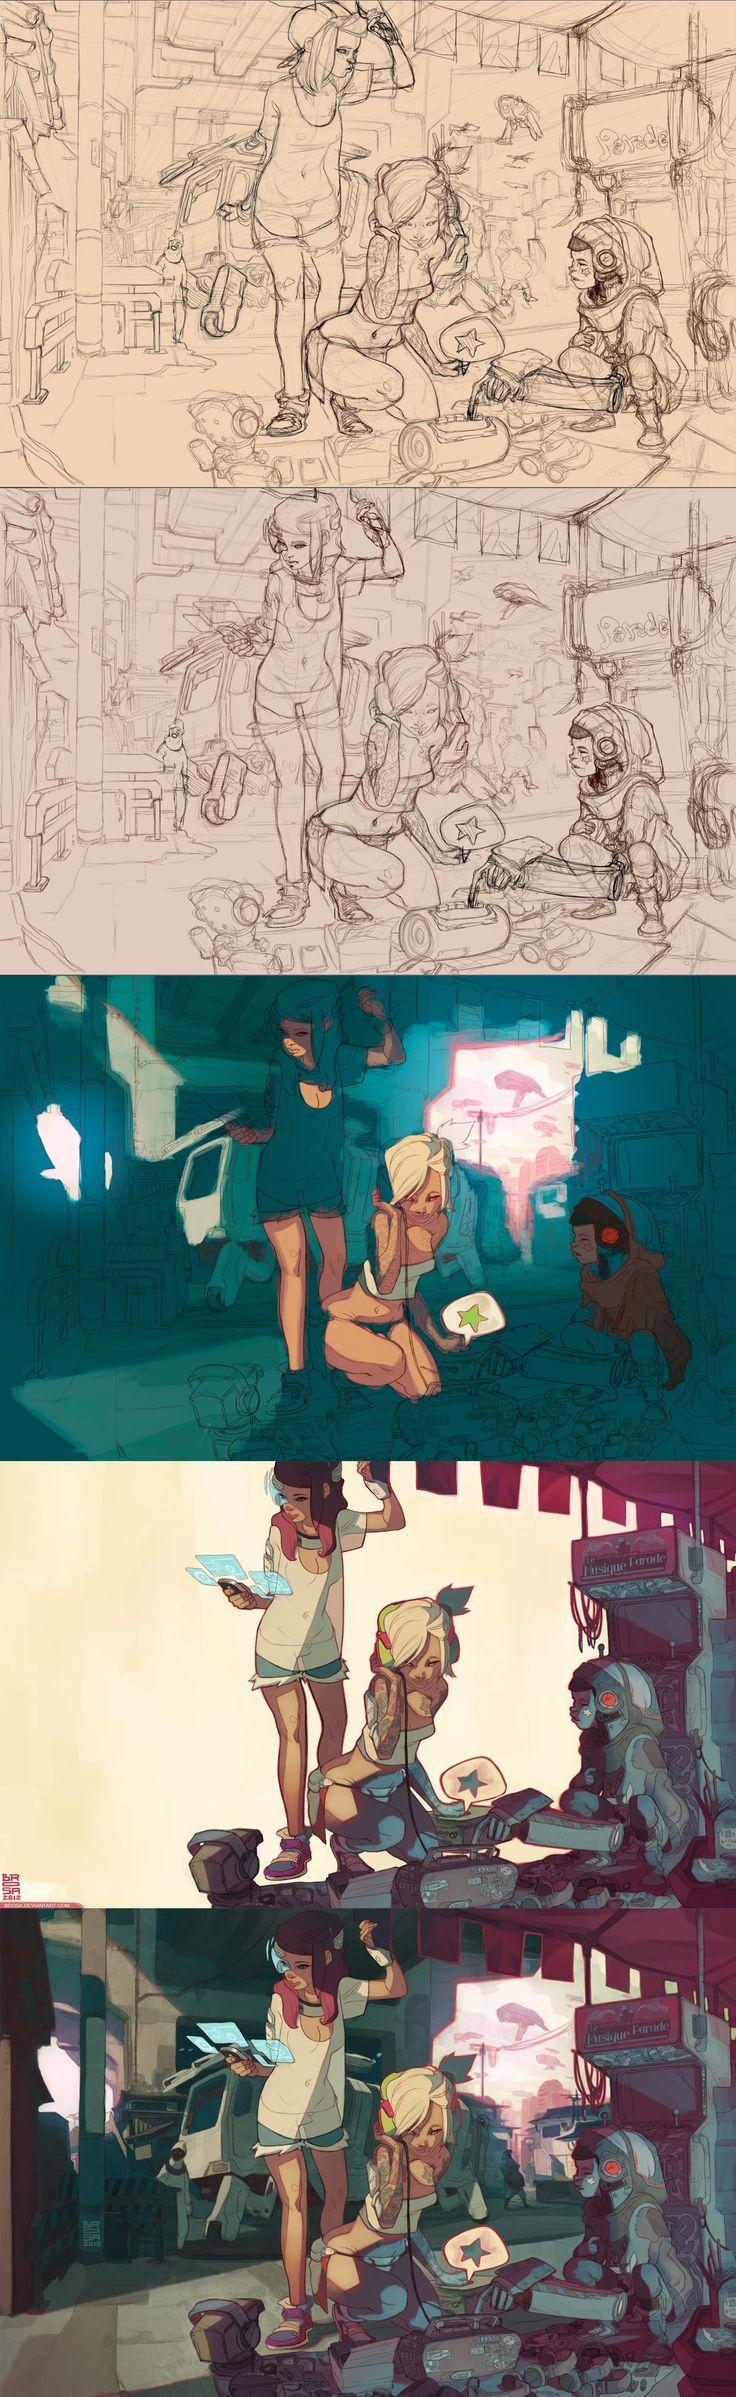 illustration steps